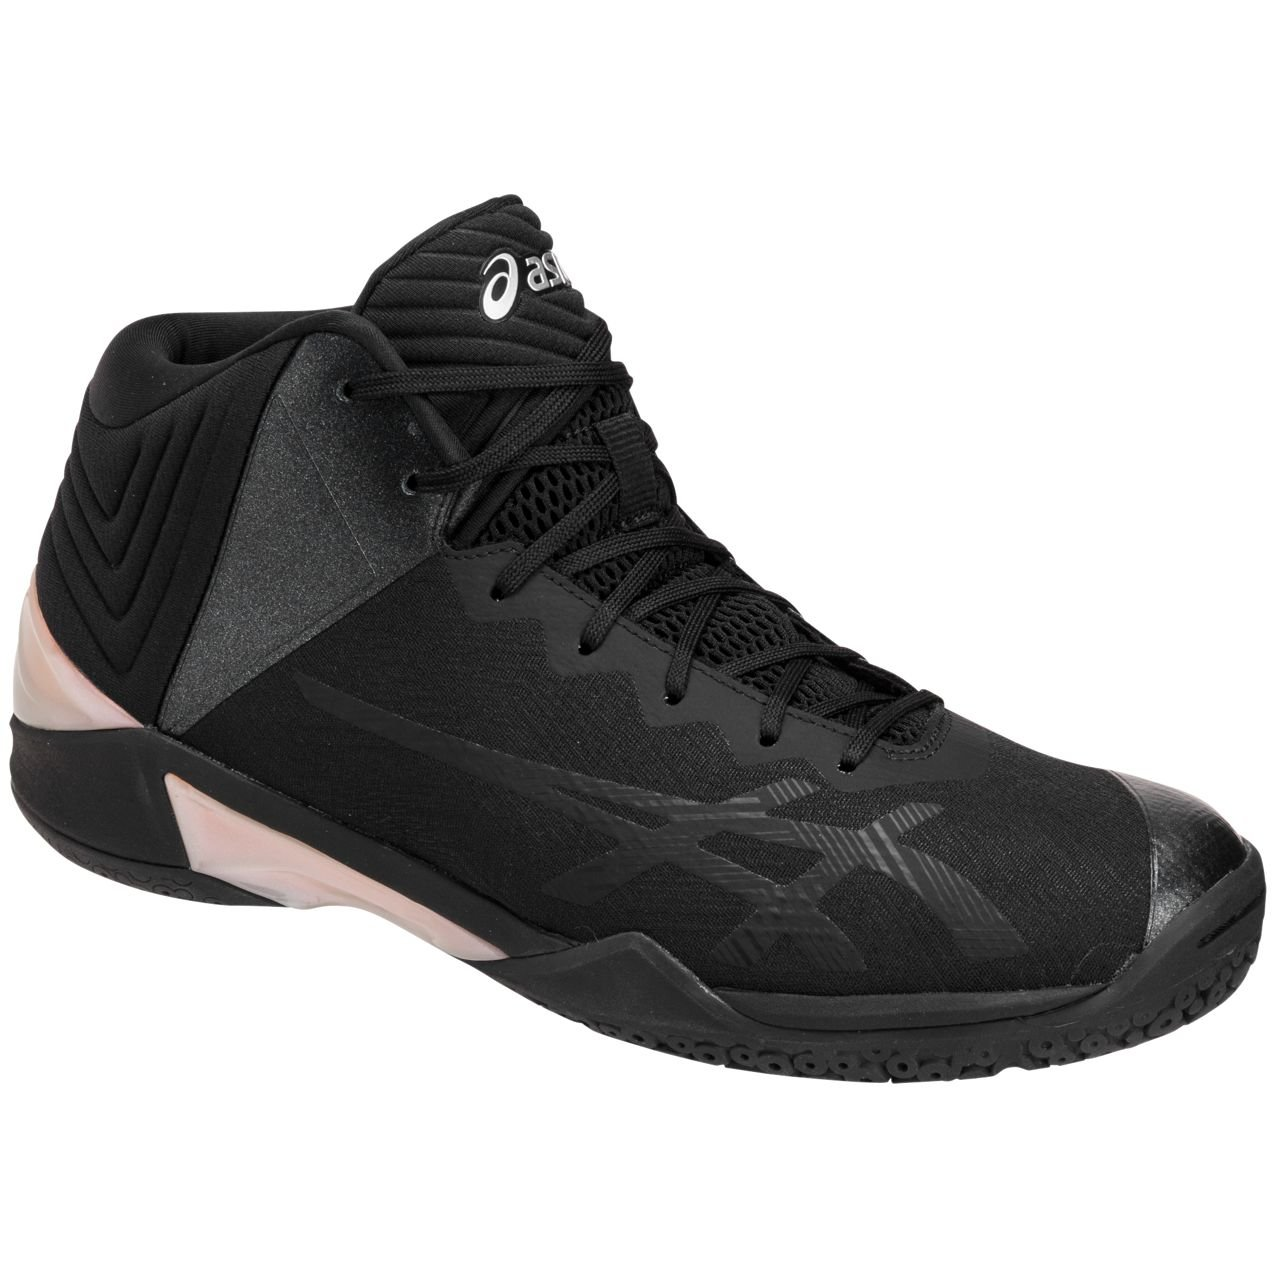 [アシックス] バスケットシューズ GELBURST 22 B077Y411R3 30.0 cm ブラック/ブラック